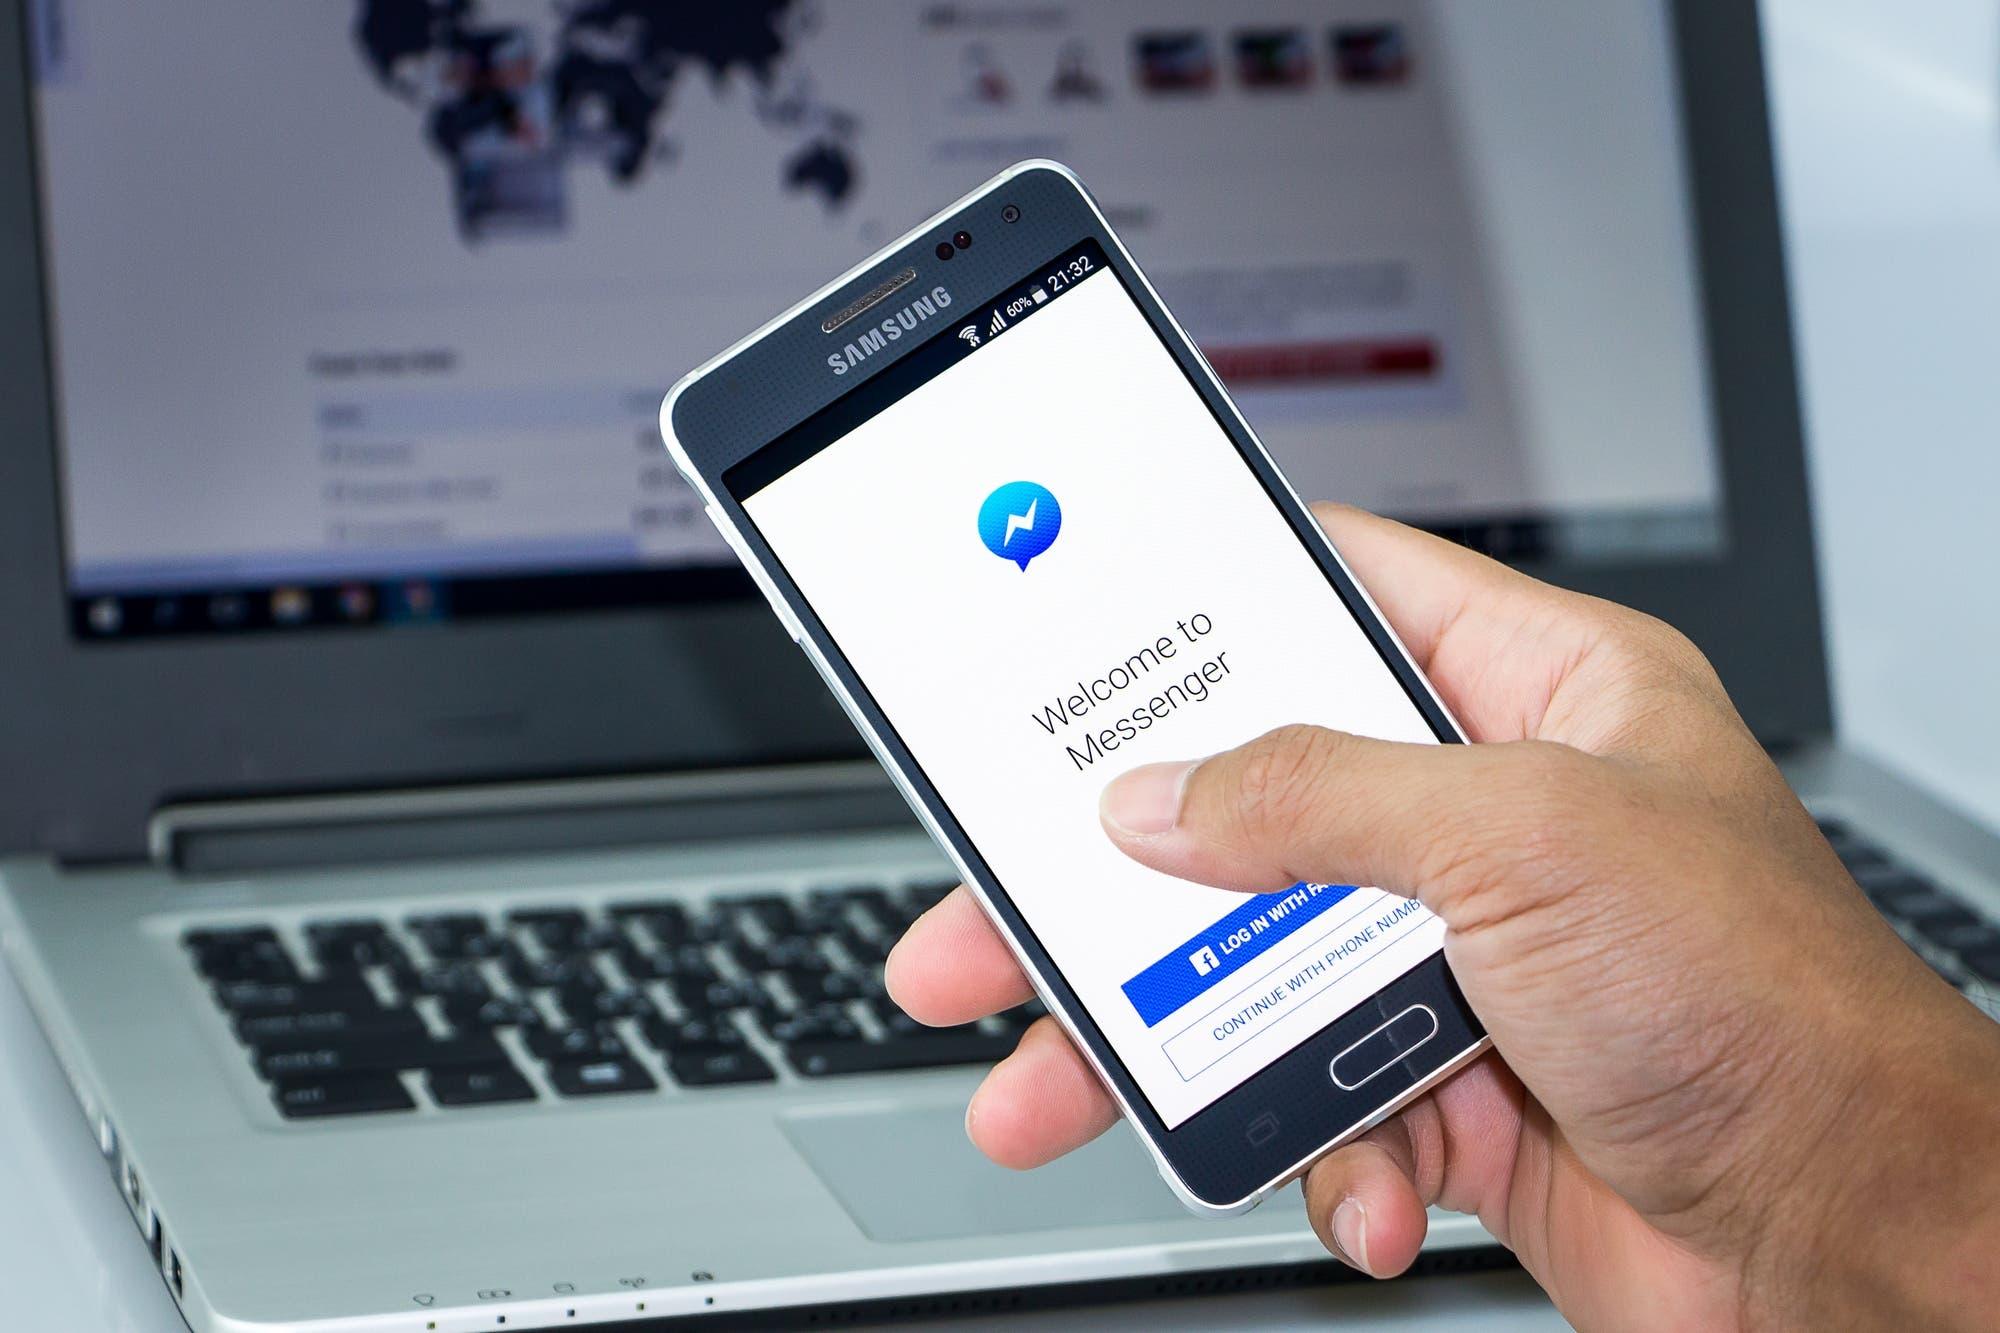 Facebook admite que escuchaba y transcribía mensajes de voz de Messenger